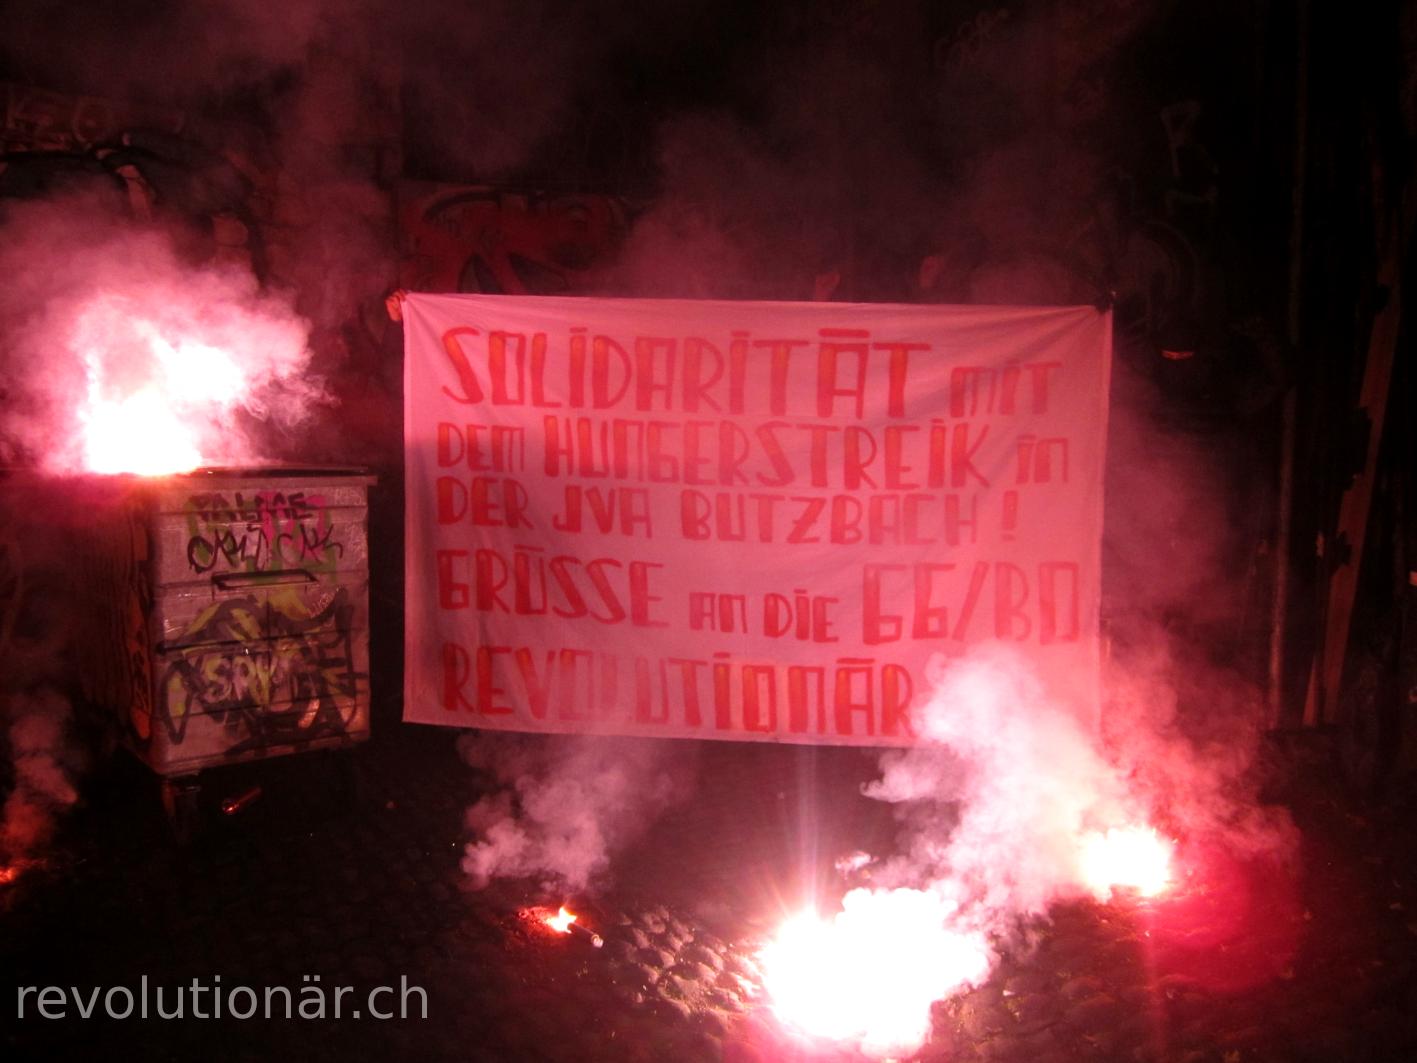 Transpiaktion Hungerstreik JVA Butzbach